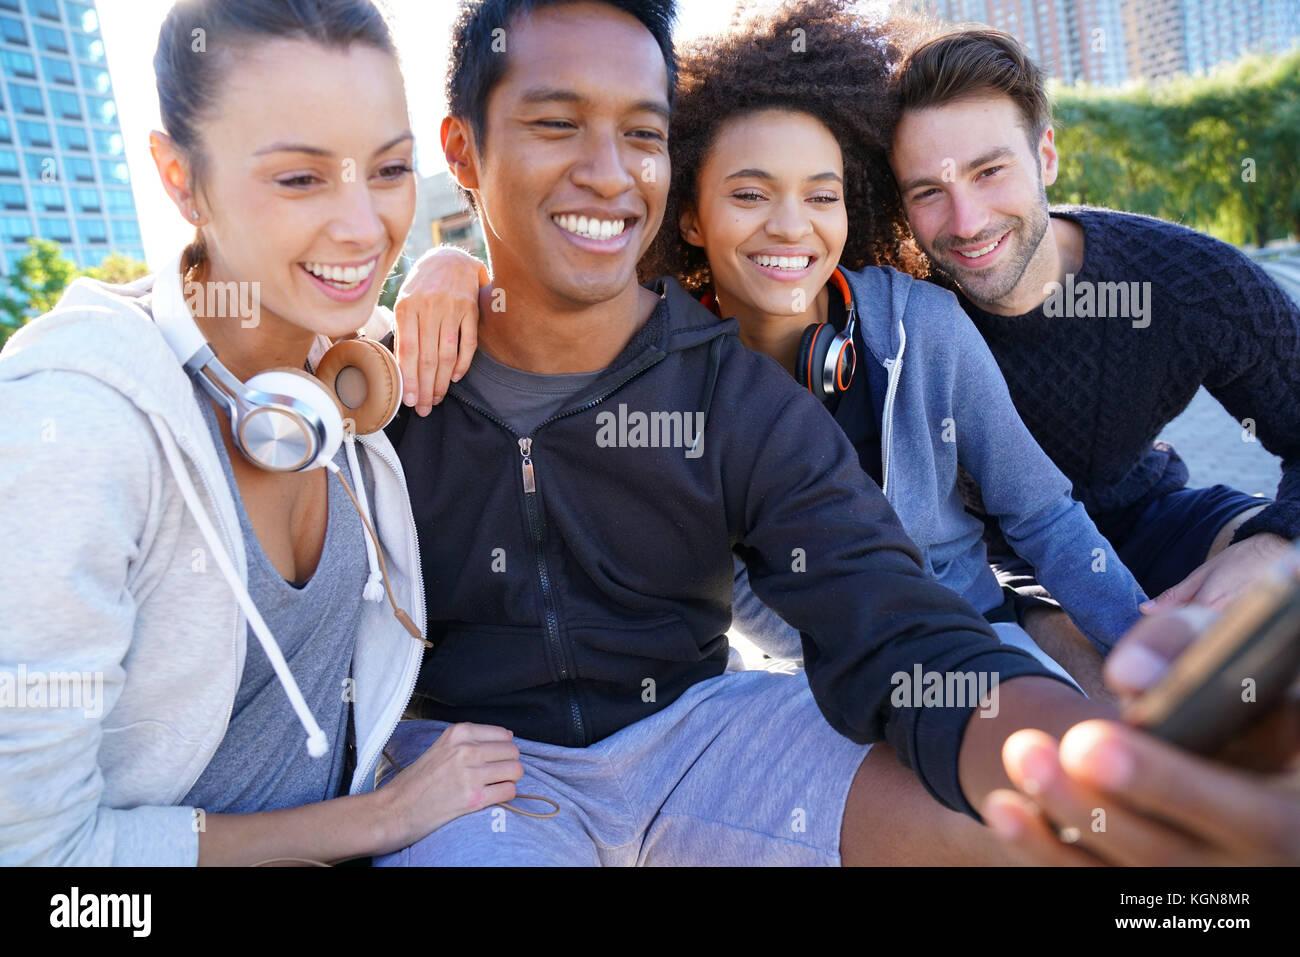 Groupe d'amis en tenue décontractée prendre photo selfies with smartphone Banque D'Images